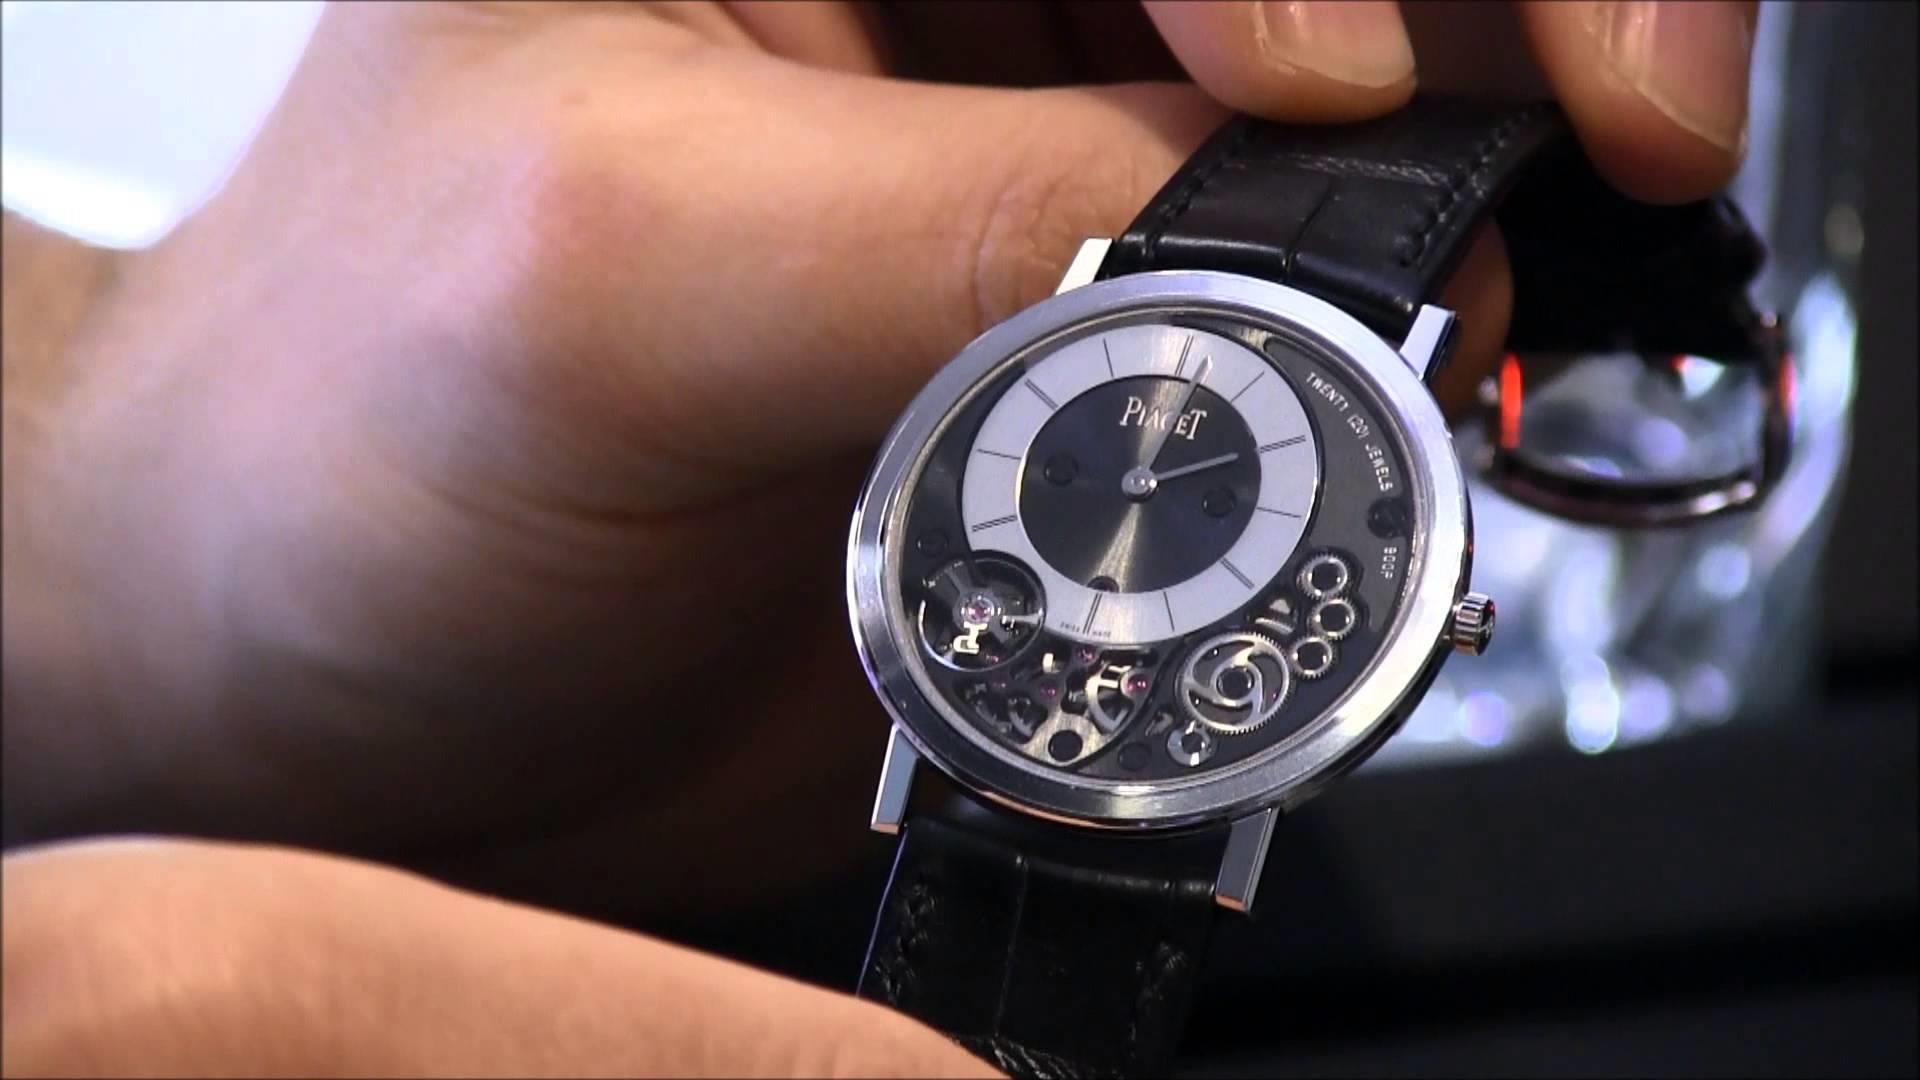 Часовая мануфактура Piaget примет участие в благотворительной ярмарке в поддержку исследований мышечной дистрофии Дюшенна